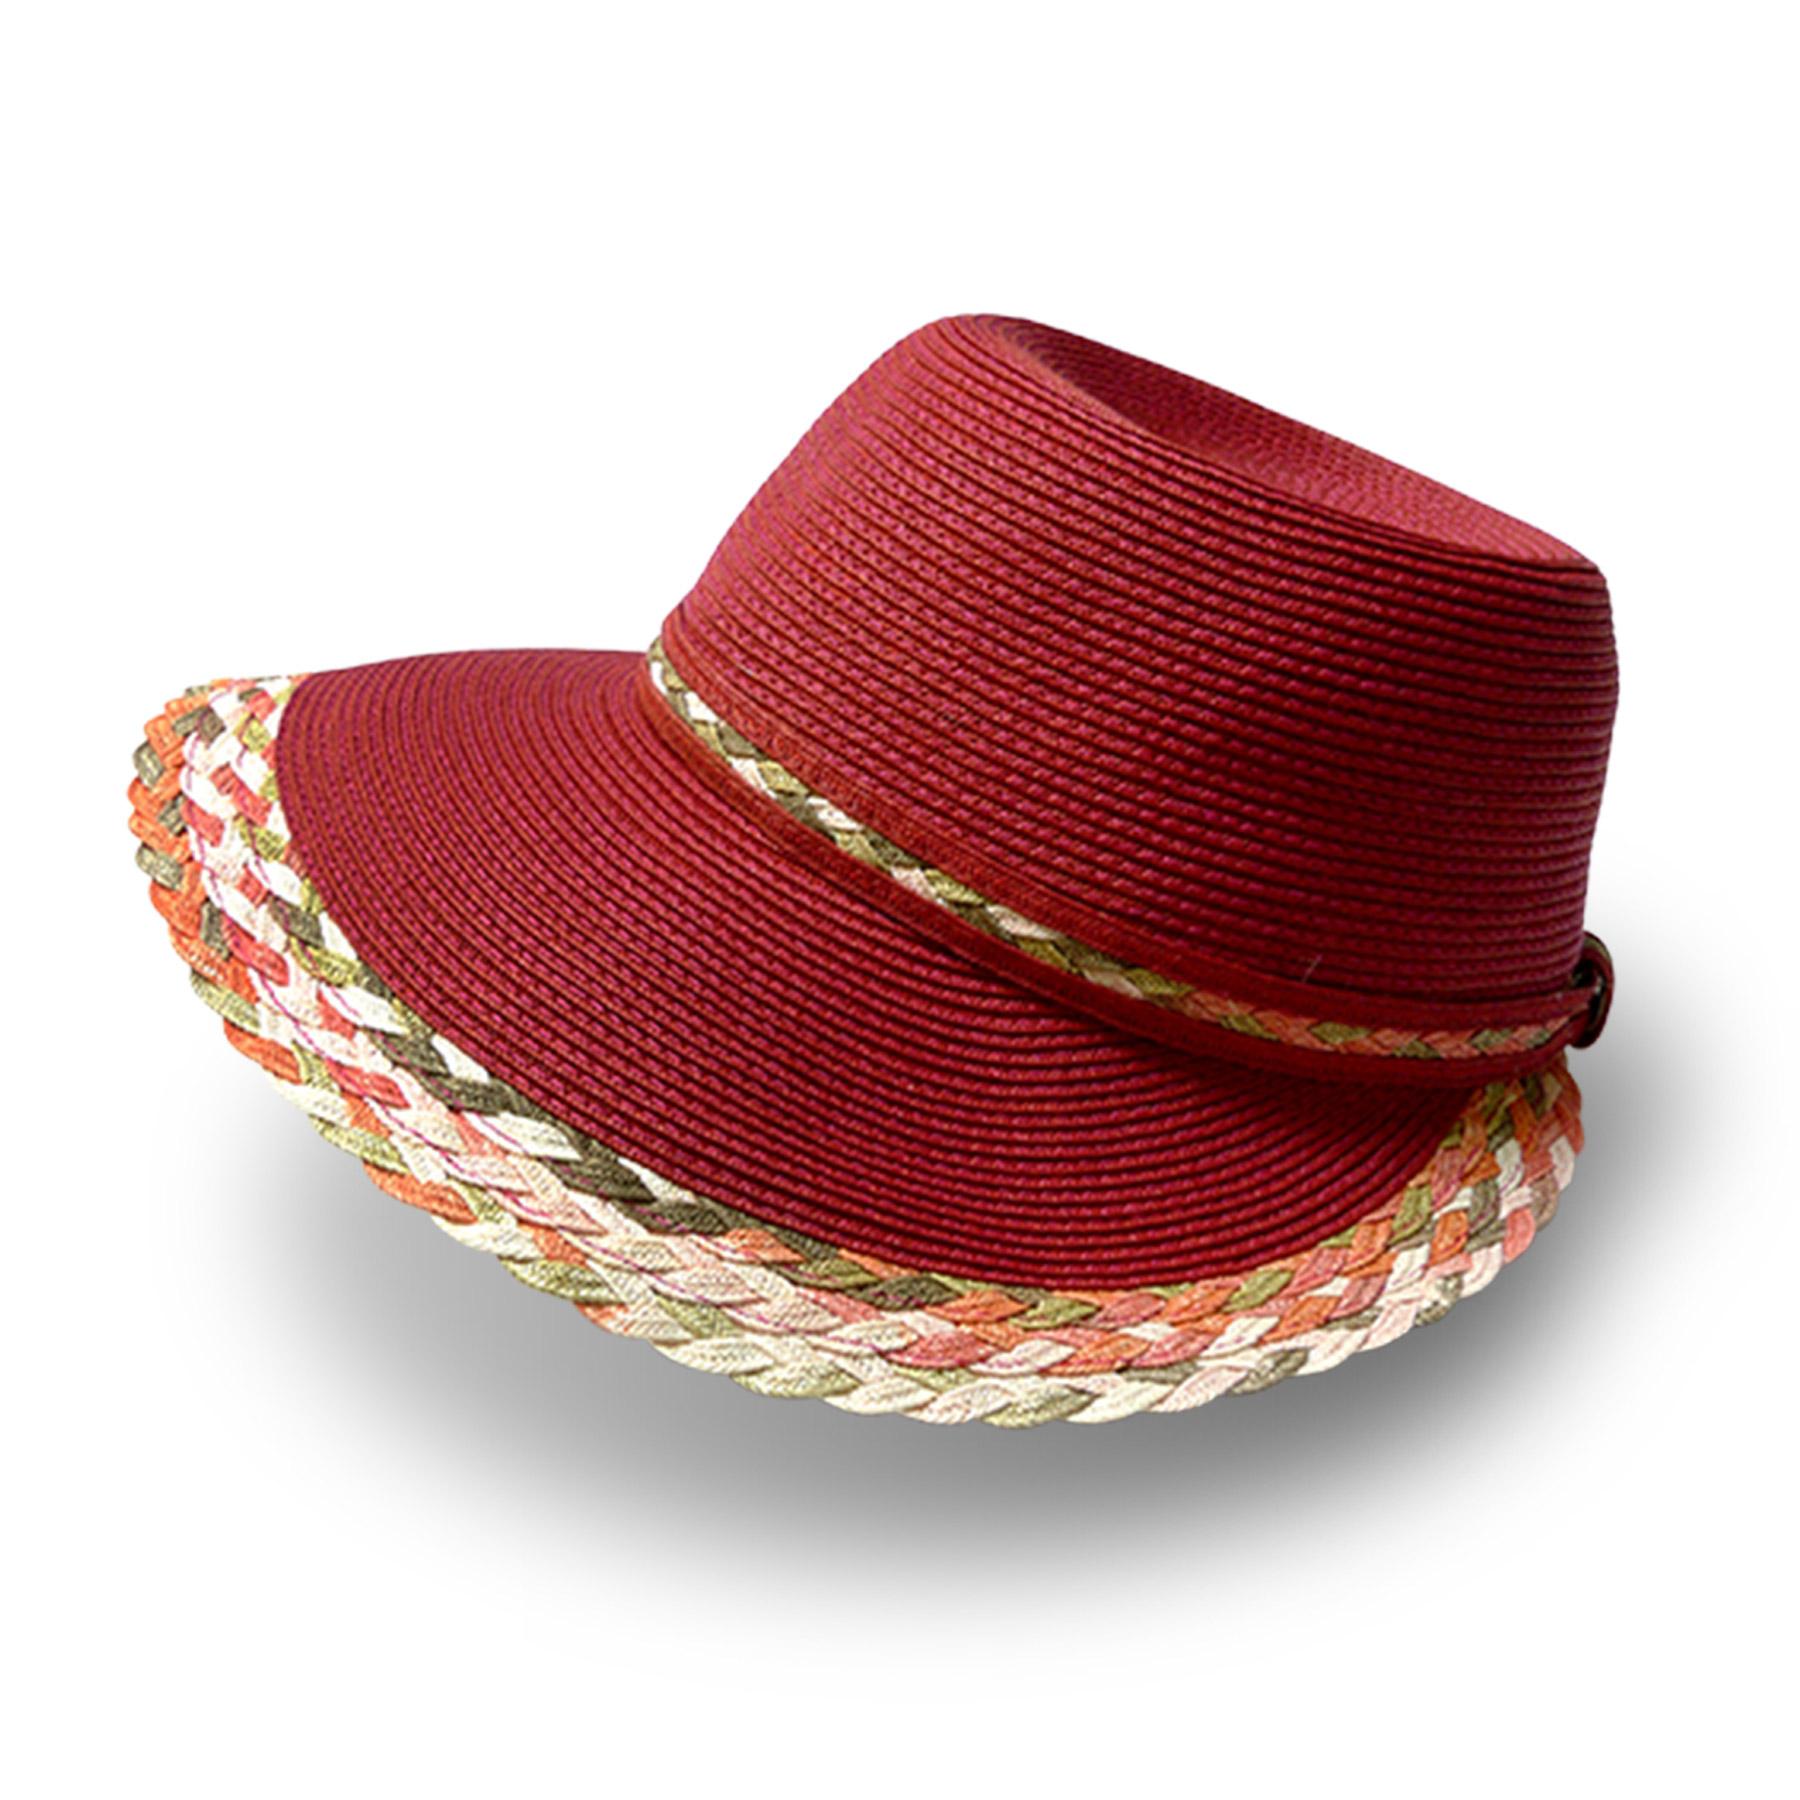 0fd13f04c Taiwan UV straw red cap | LIDUOO INT'L CO., LTD.